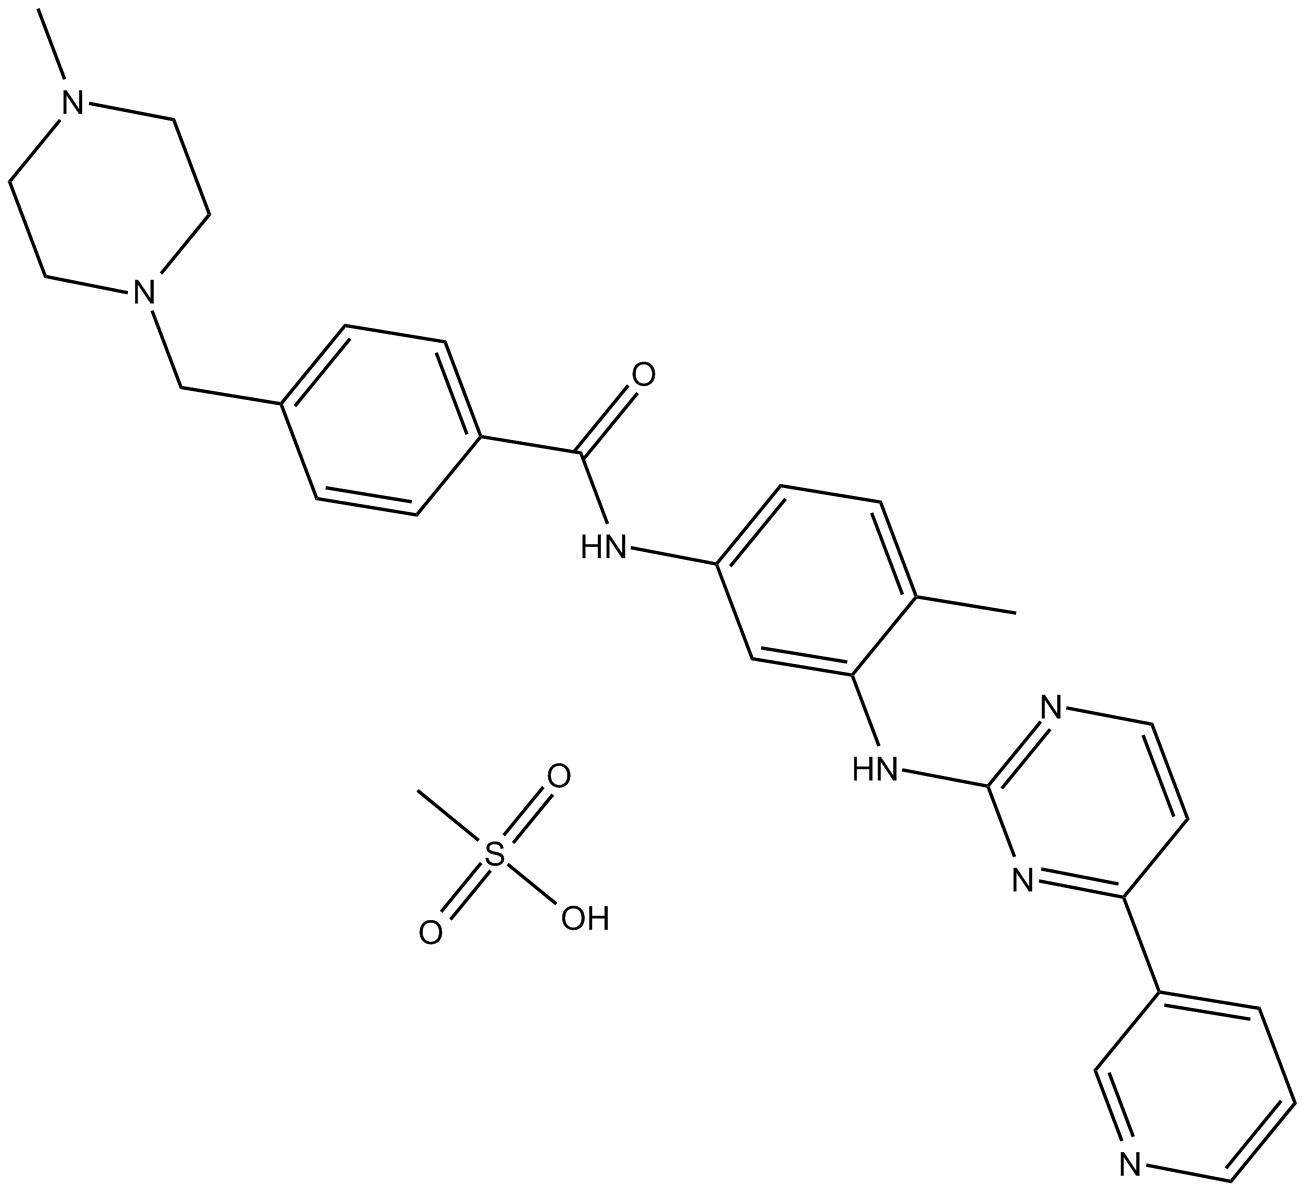 Imatinib Mesylate (STI571)